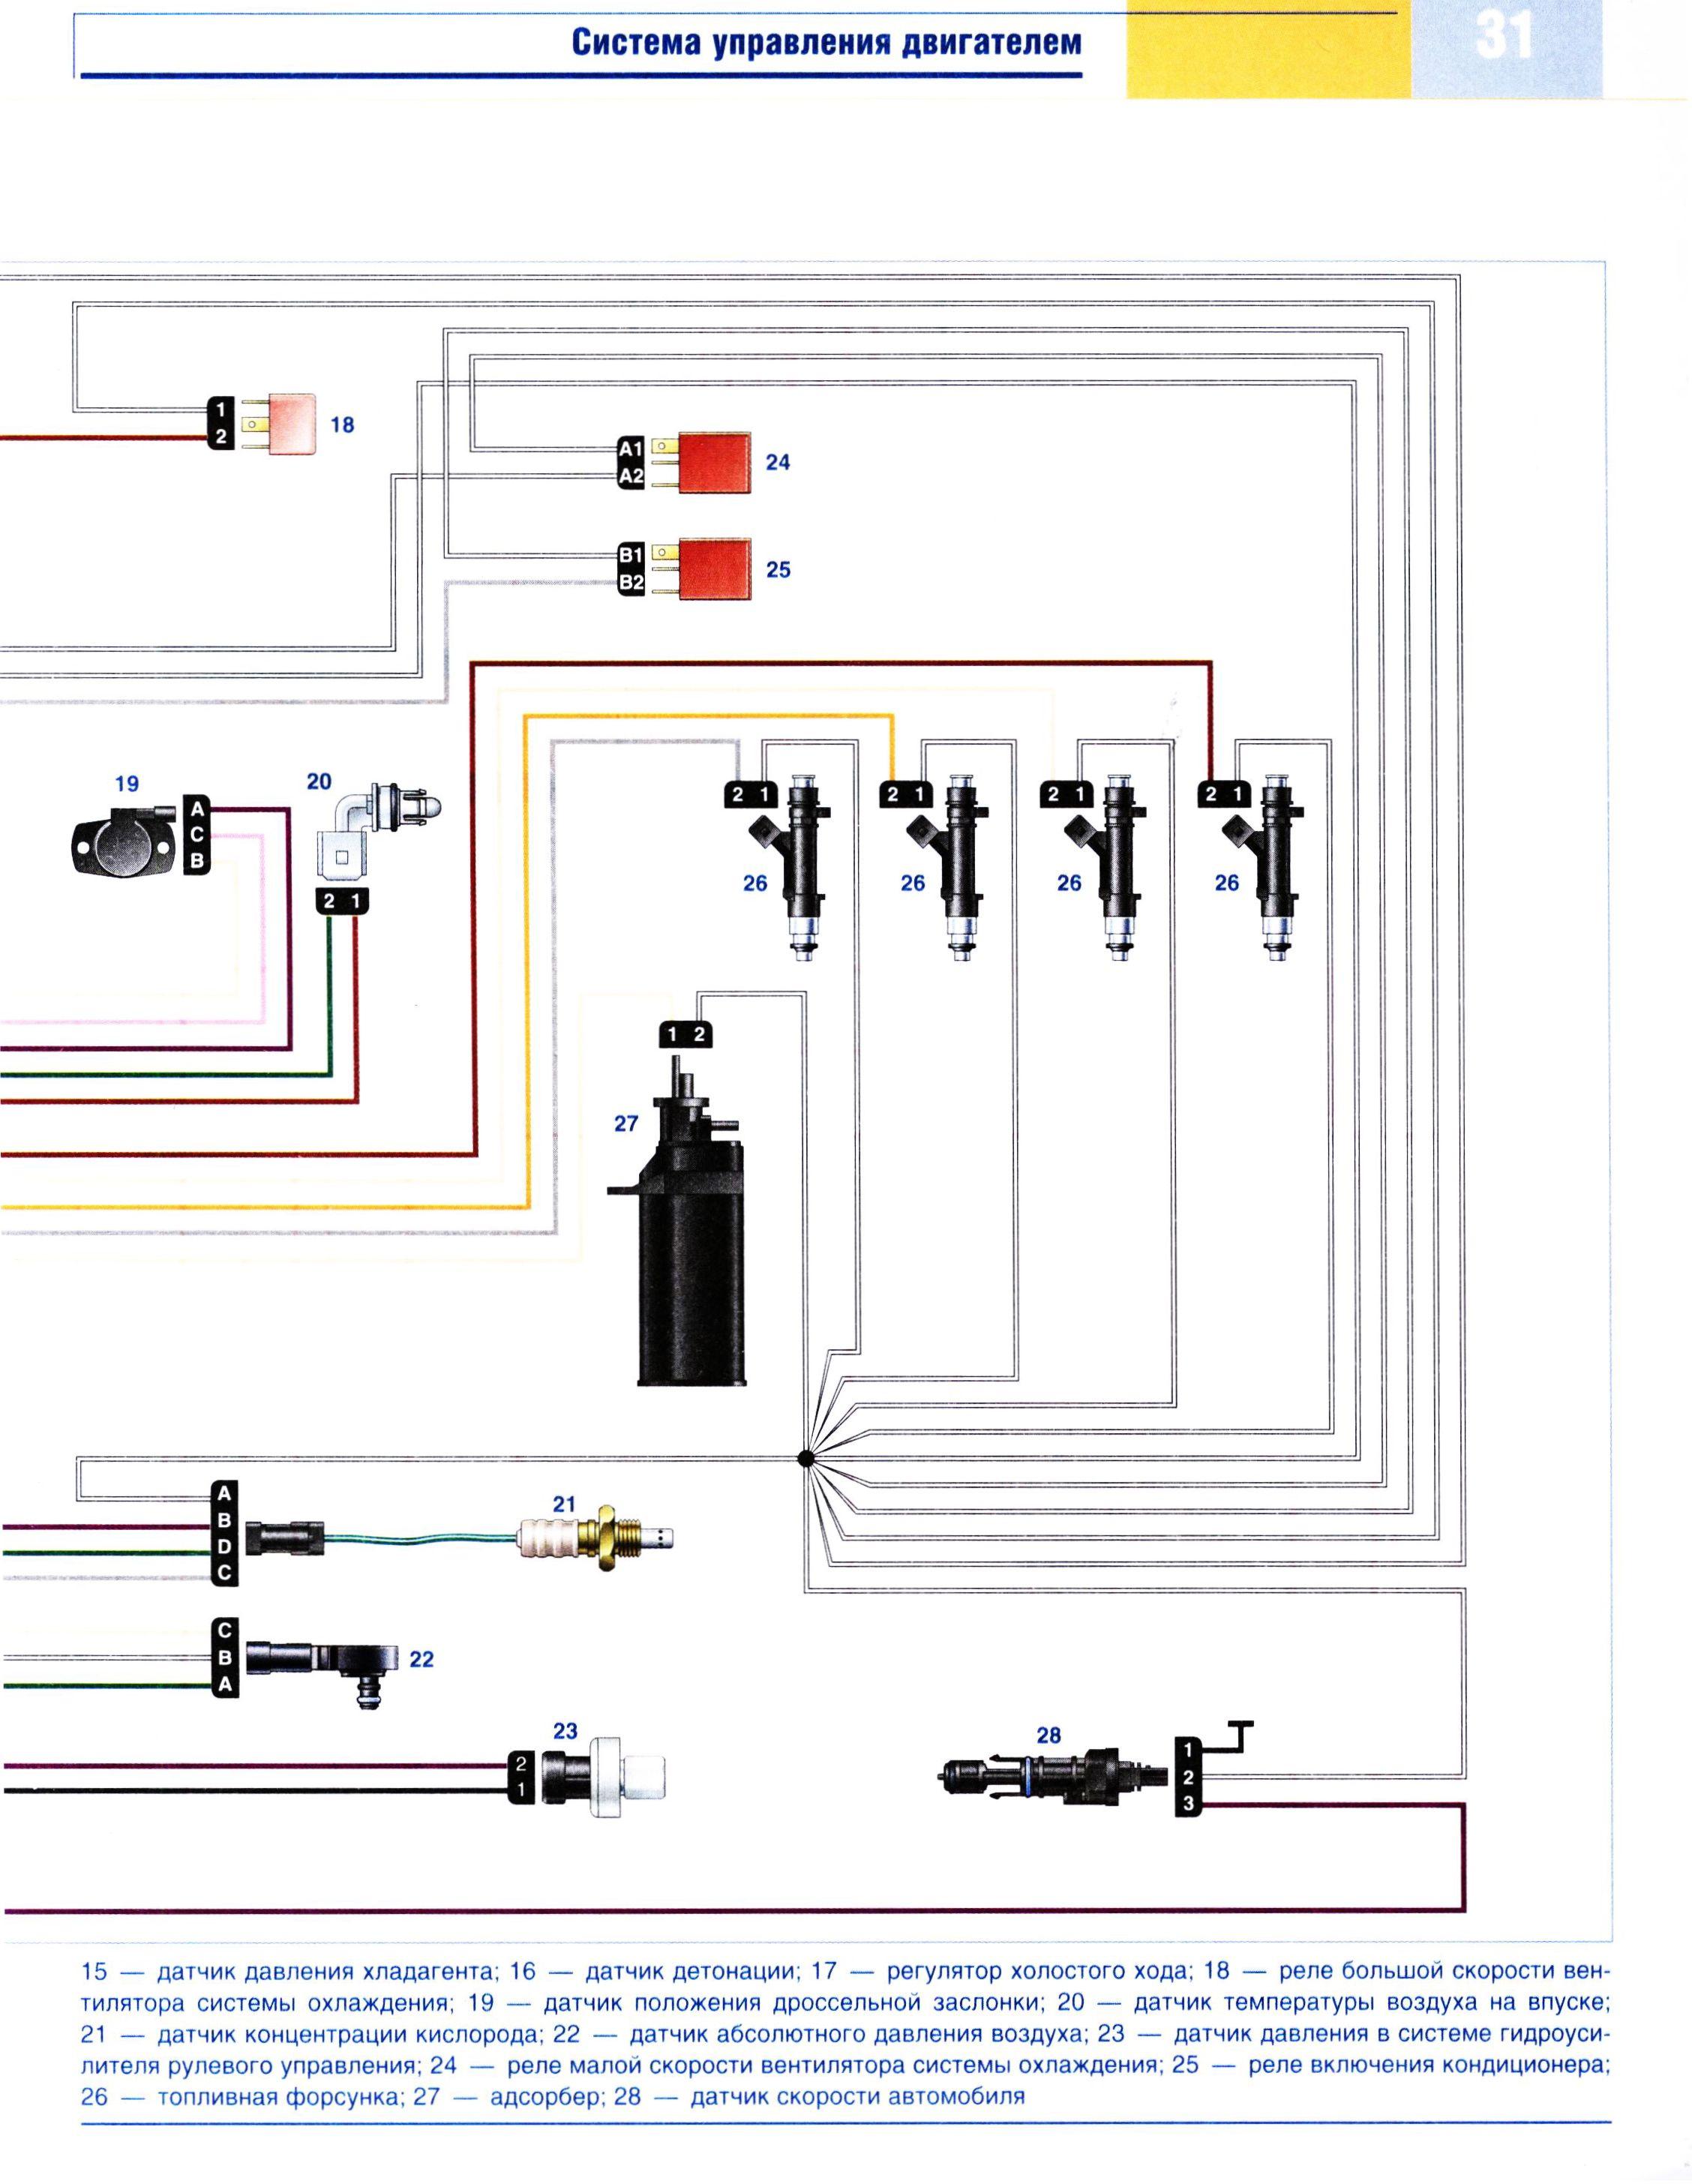 Логан схемы электрооборудования